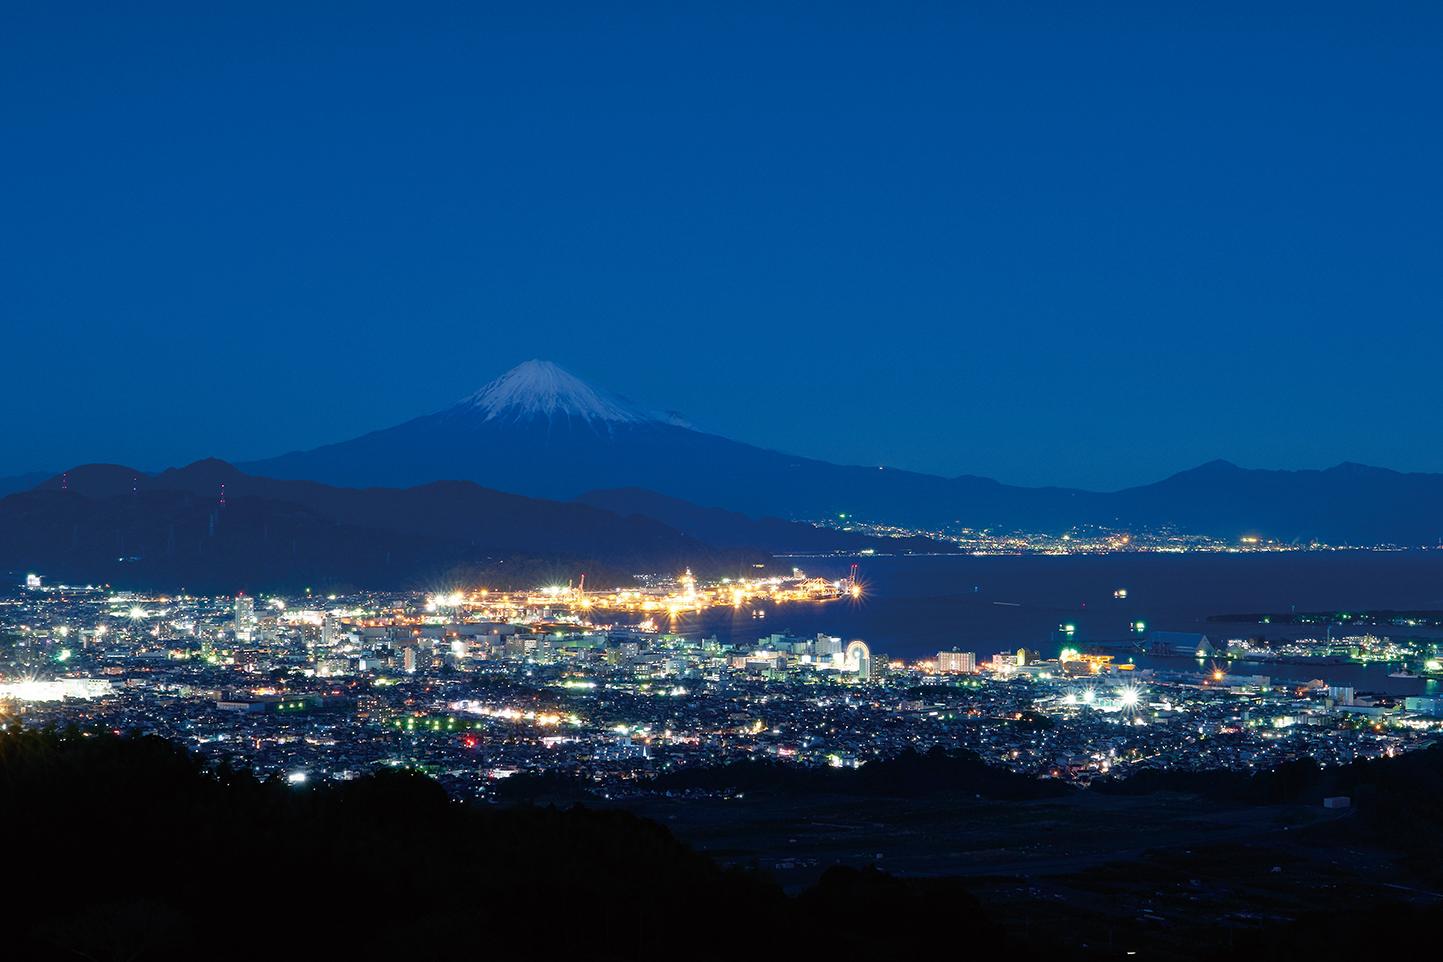 日本夜景遺産にも認定された日本平夜景